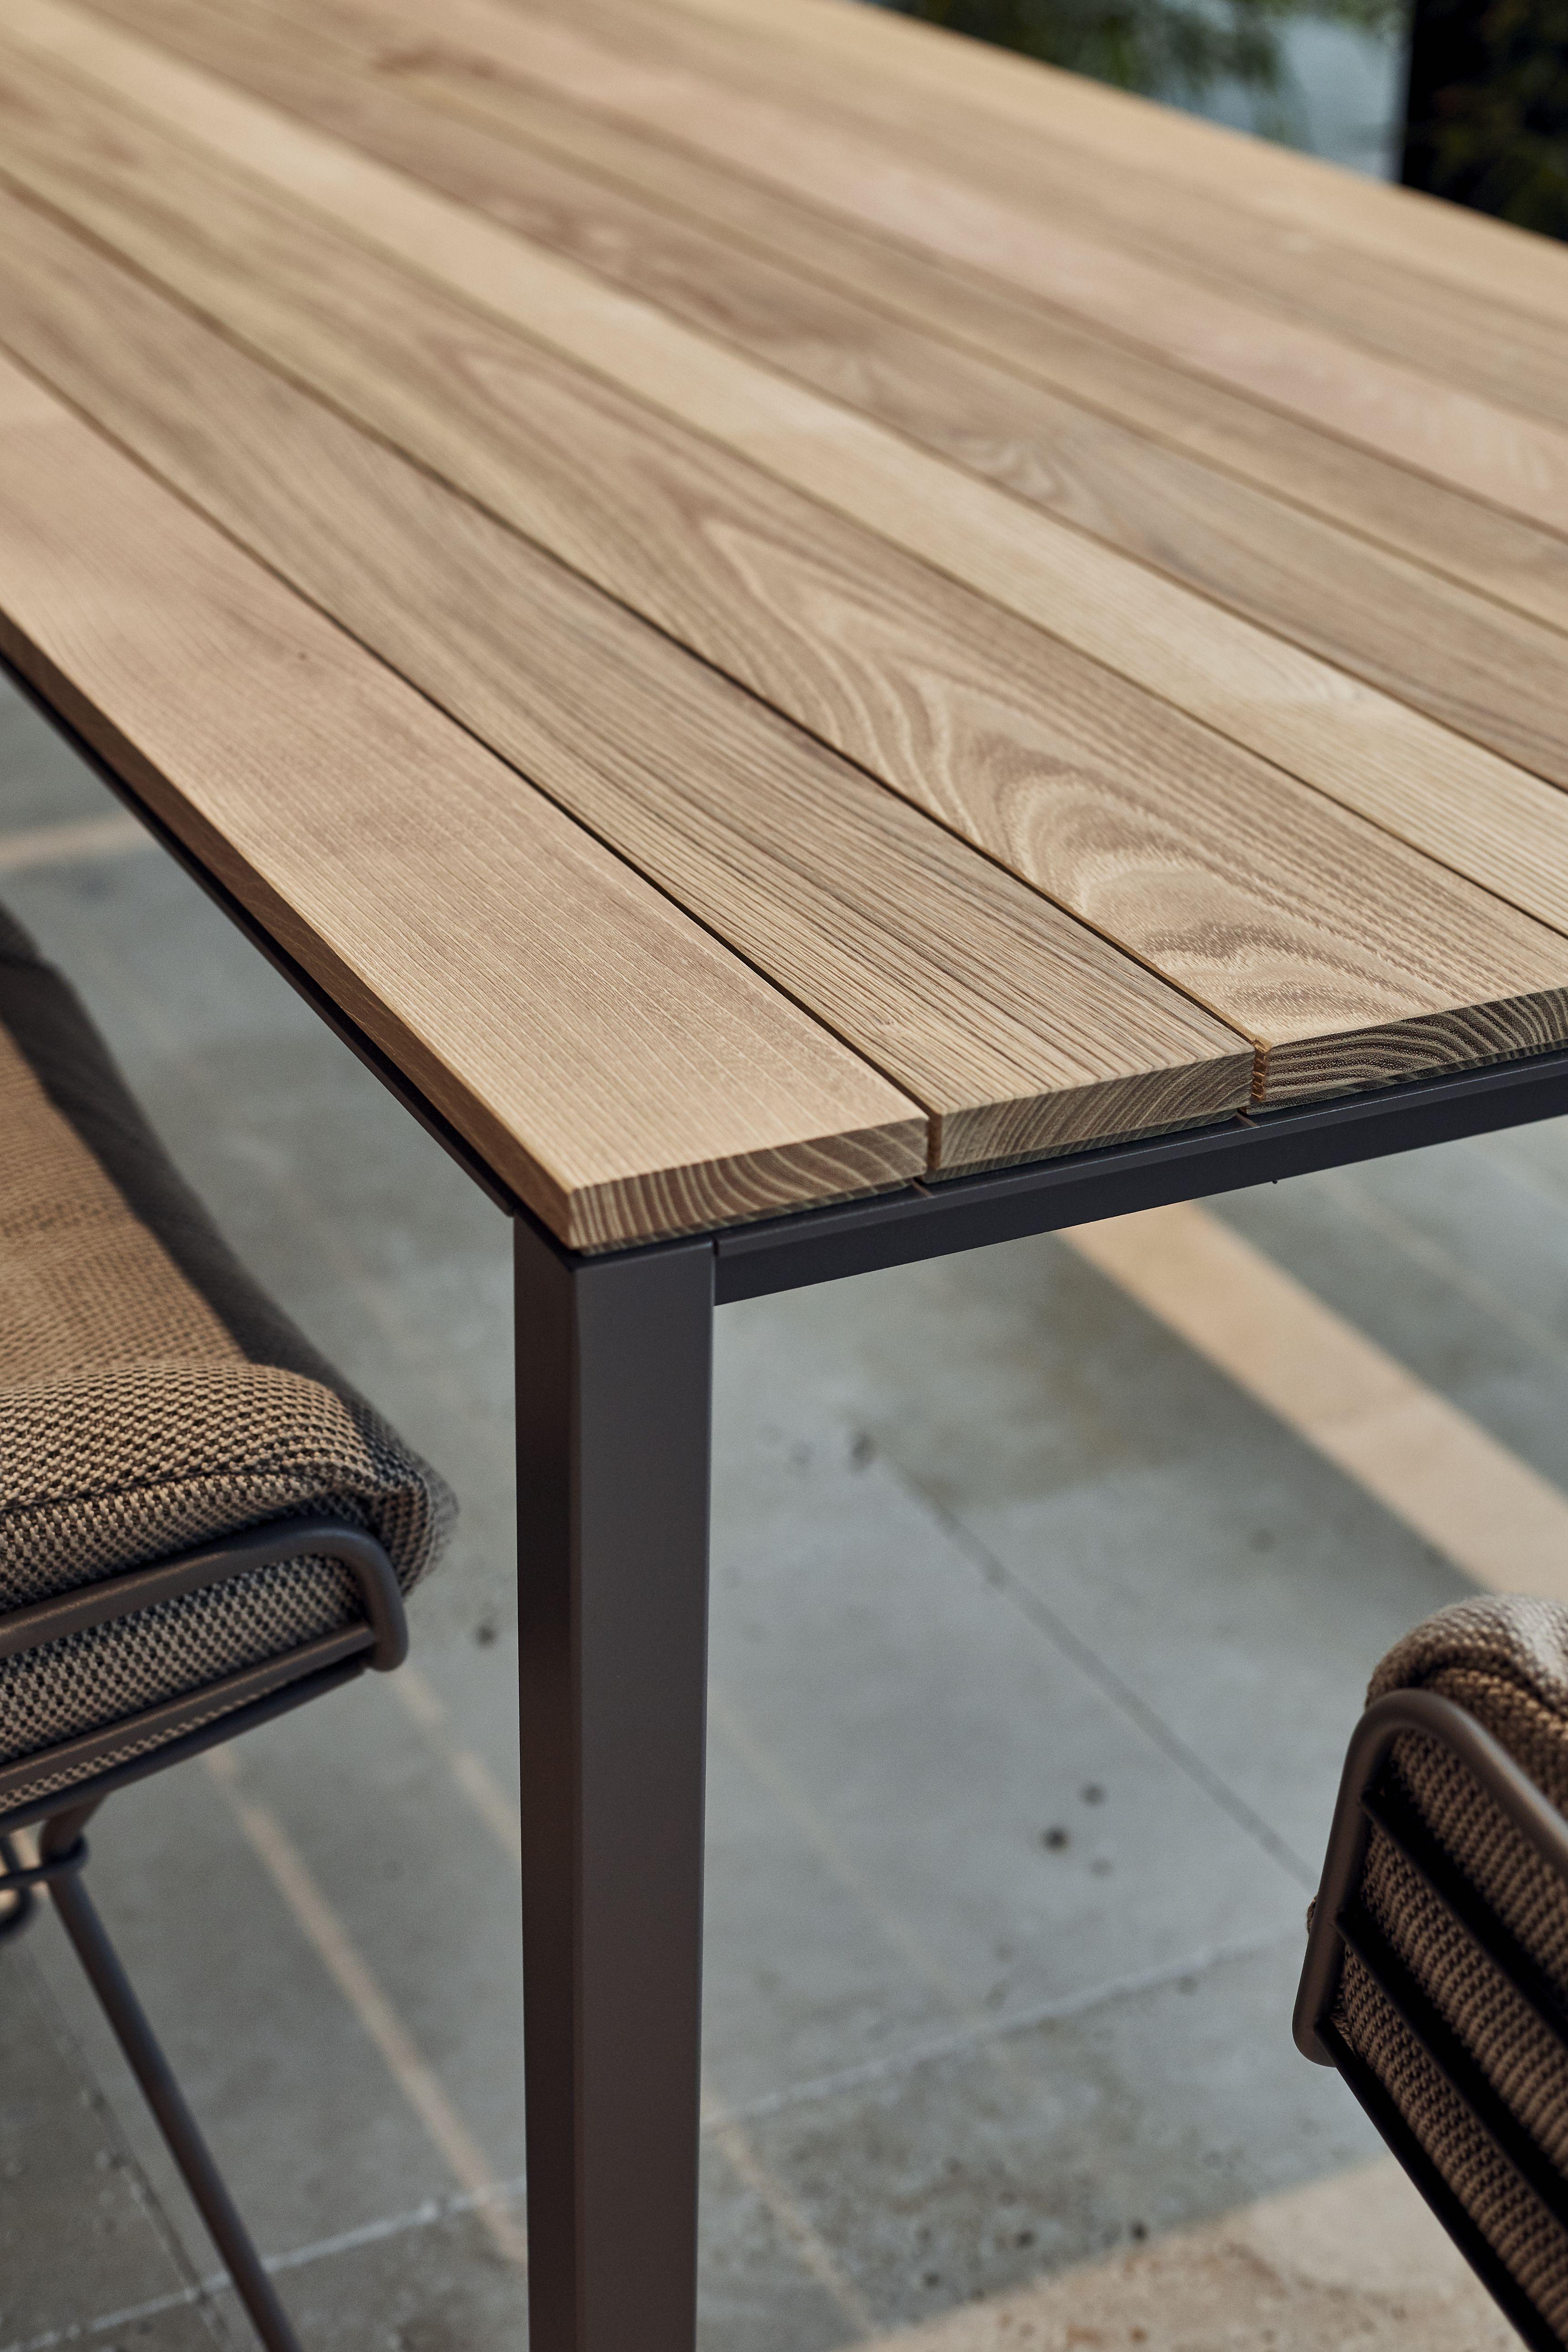 S 600 Tisch Outdoor Holztisch Garten Metallmobel Mobel Bauen